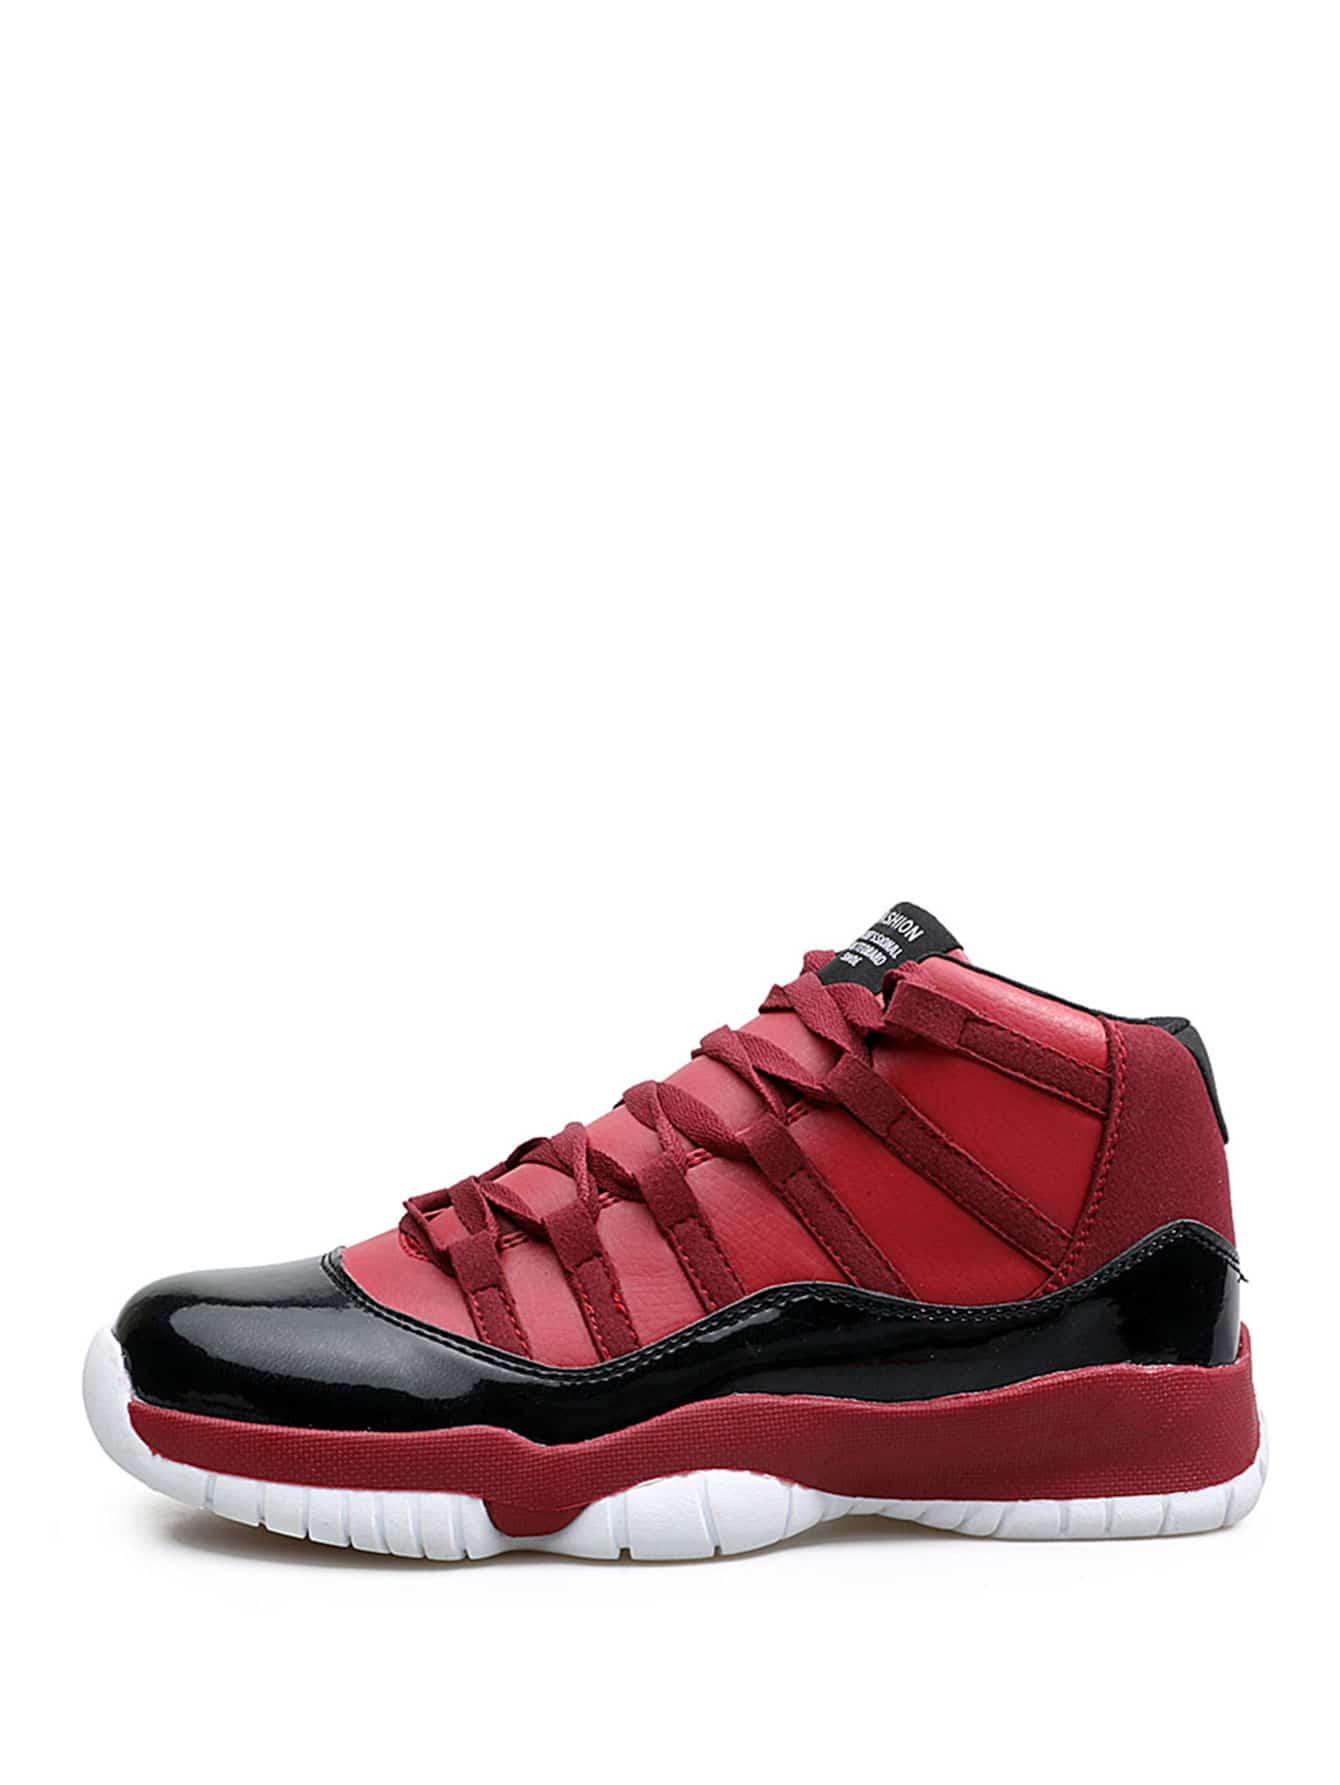 Купить Стиль кэжуал Круглый носок Красный Мужские кроссовки, null, SheIn